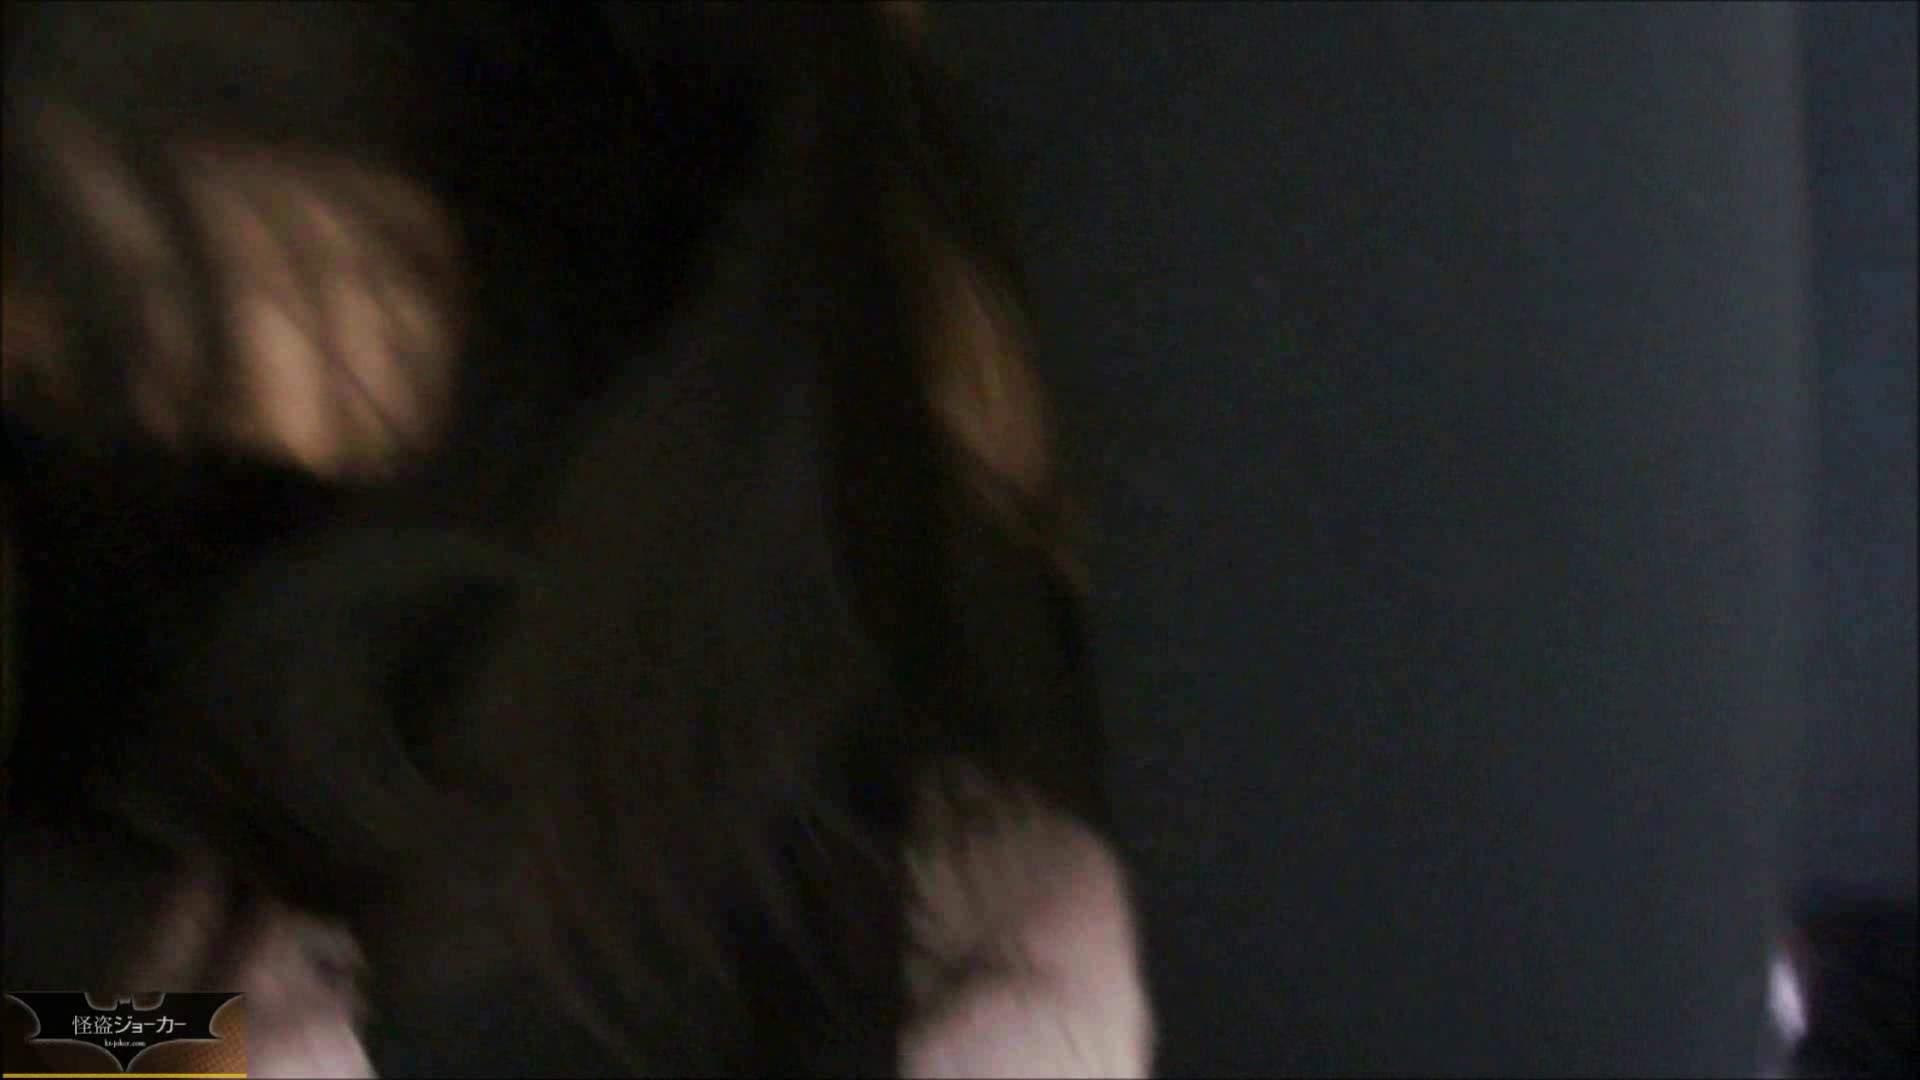 【未公開】vol.26 目民るレイカを突いて・・・ ギャル達 性交動画流出 97枚 42